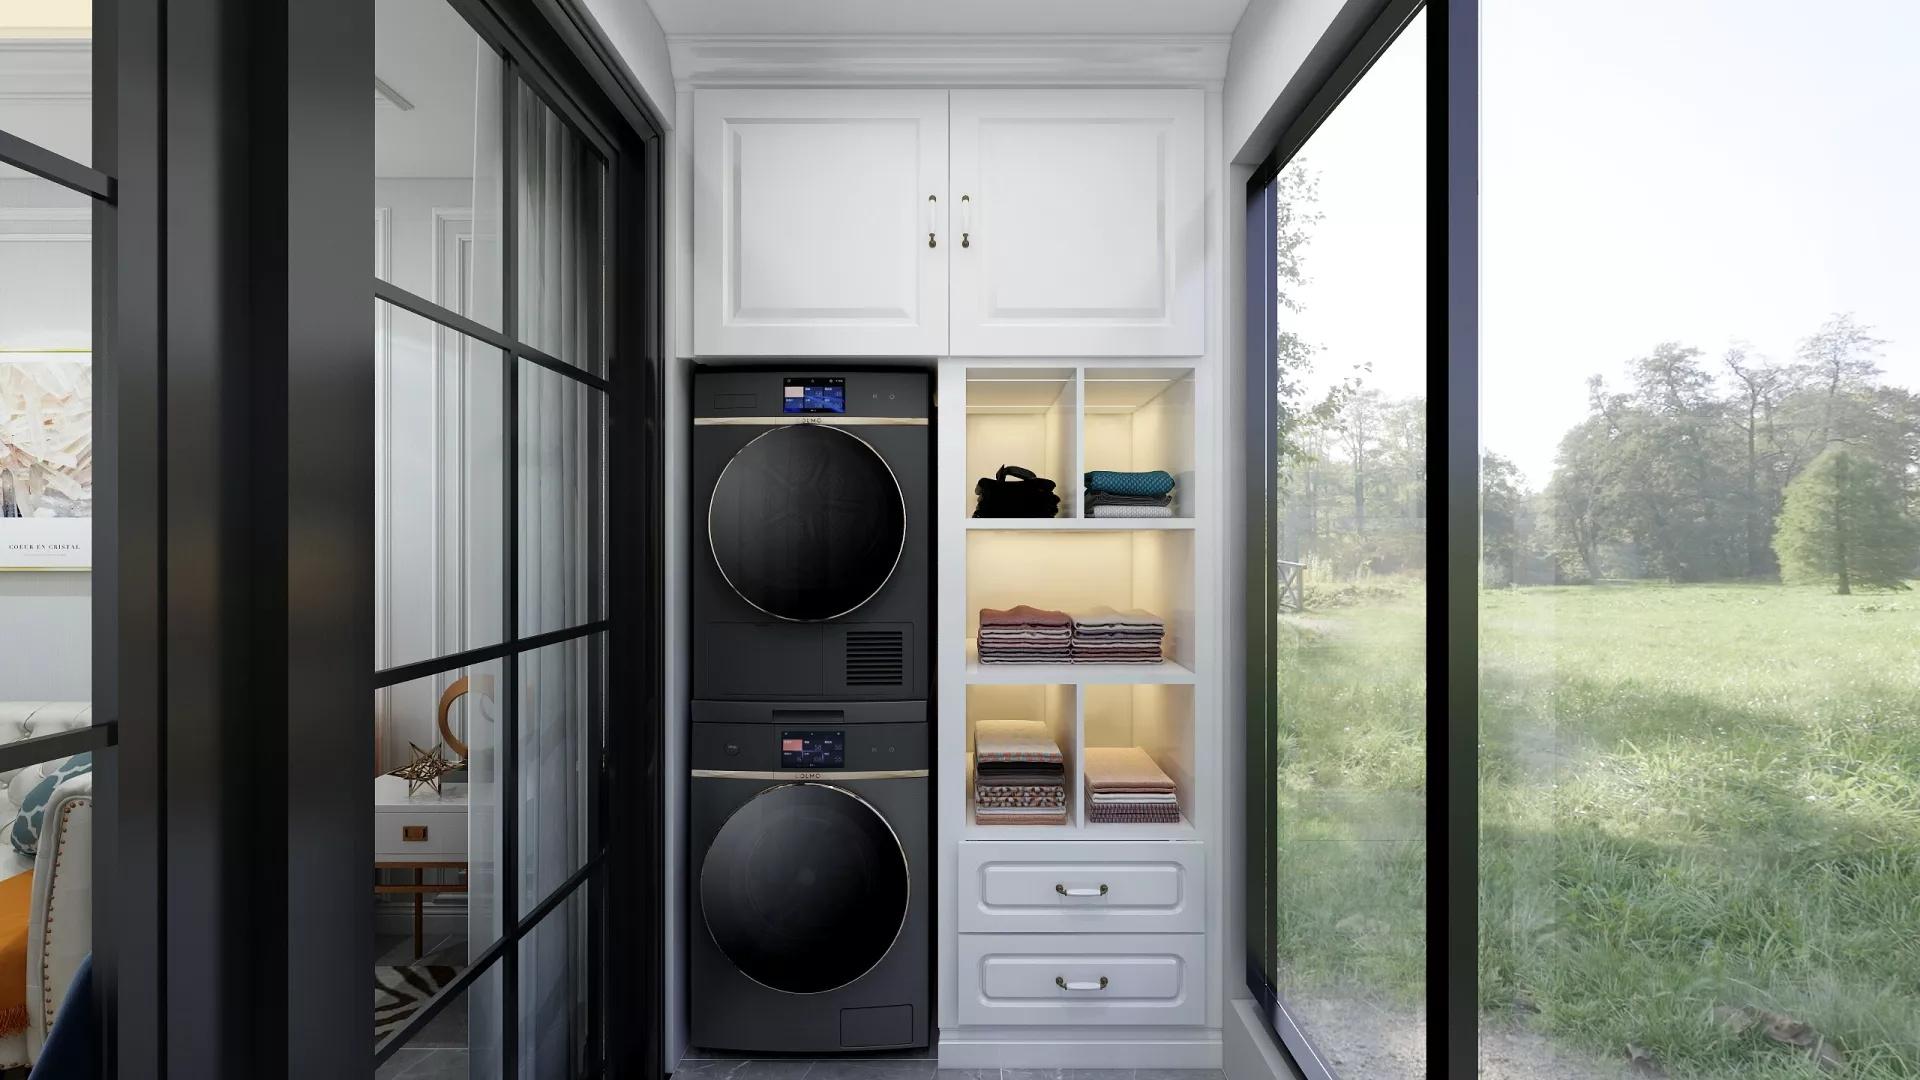 海尔冰箱质量怎么样 海尔冰箱型号推荐